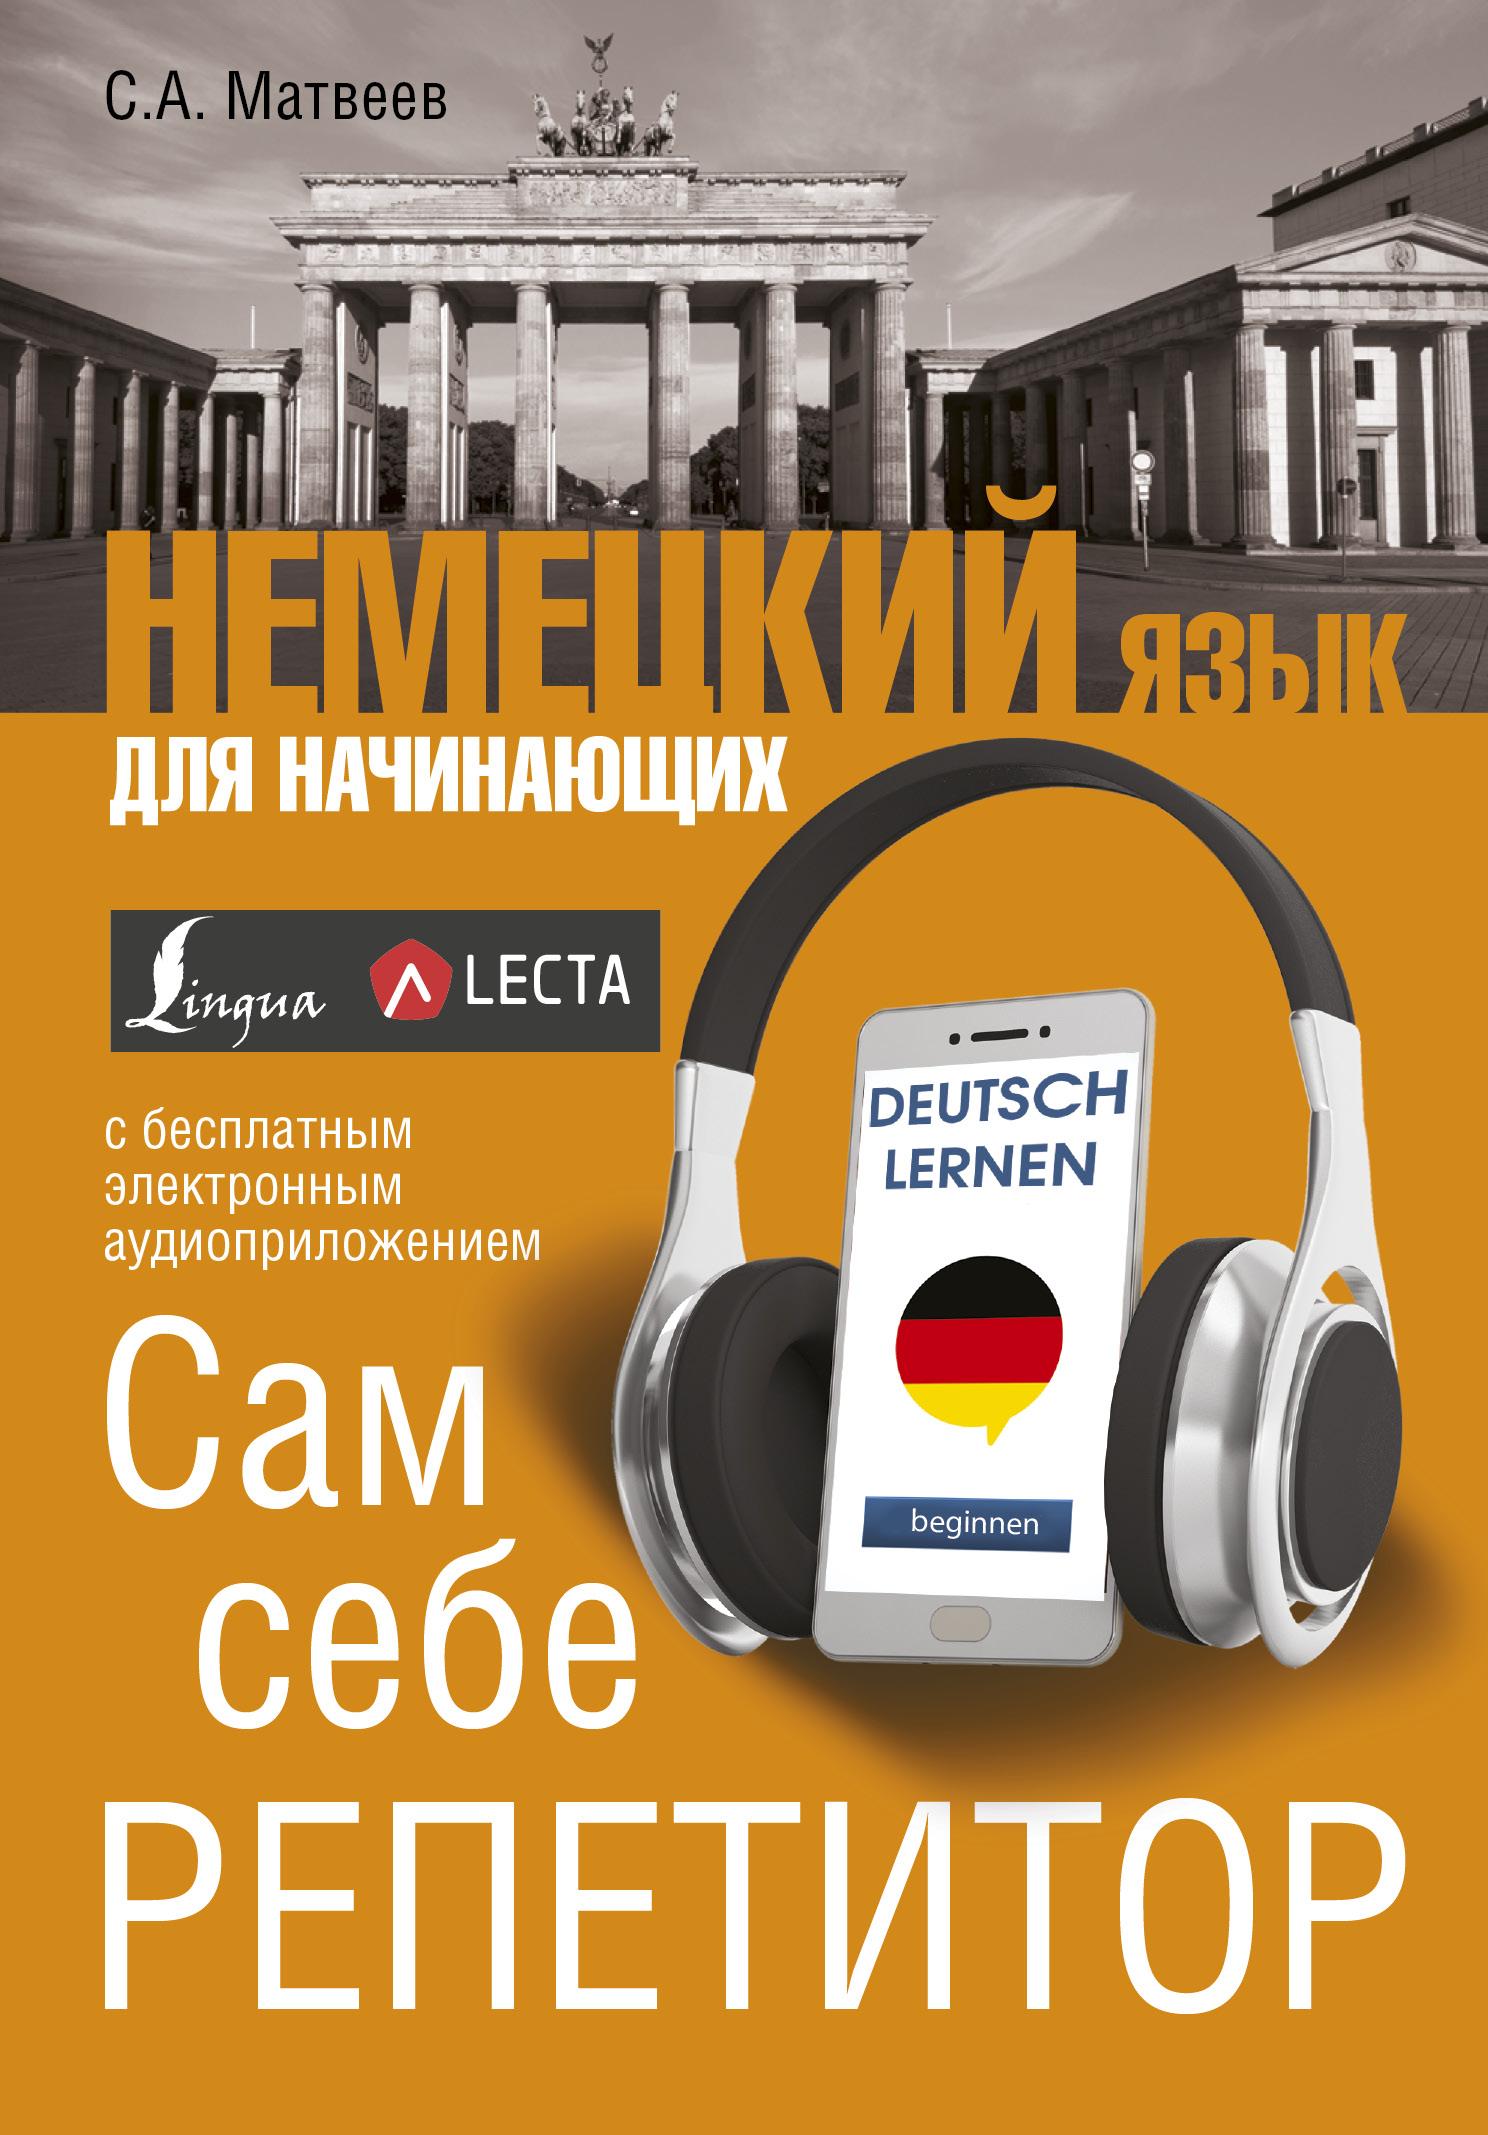 Матвеев С.А. Немецкий язык для начинающих. Сам себе репетитор + LECTA